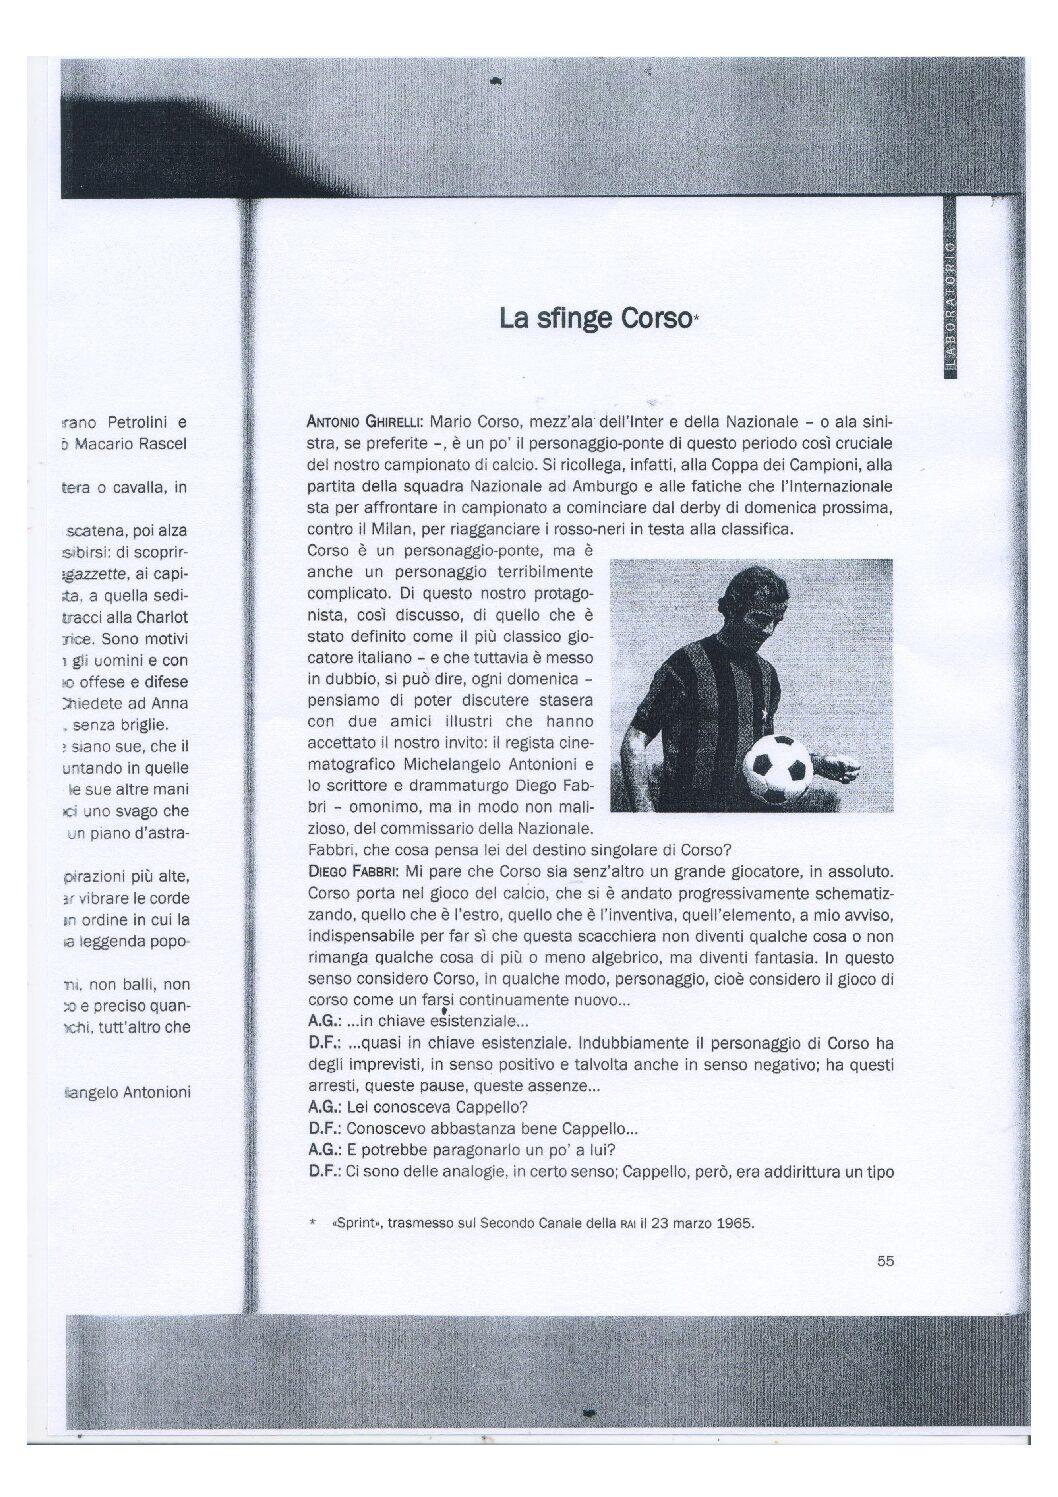 La sfinge Mario Corso in un'intervista ad Antonioni pubblicata su Cabiria